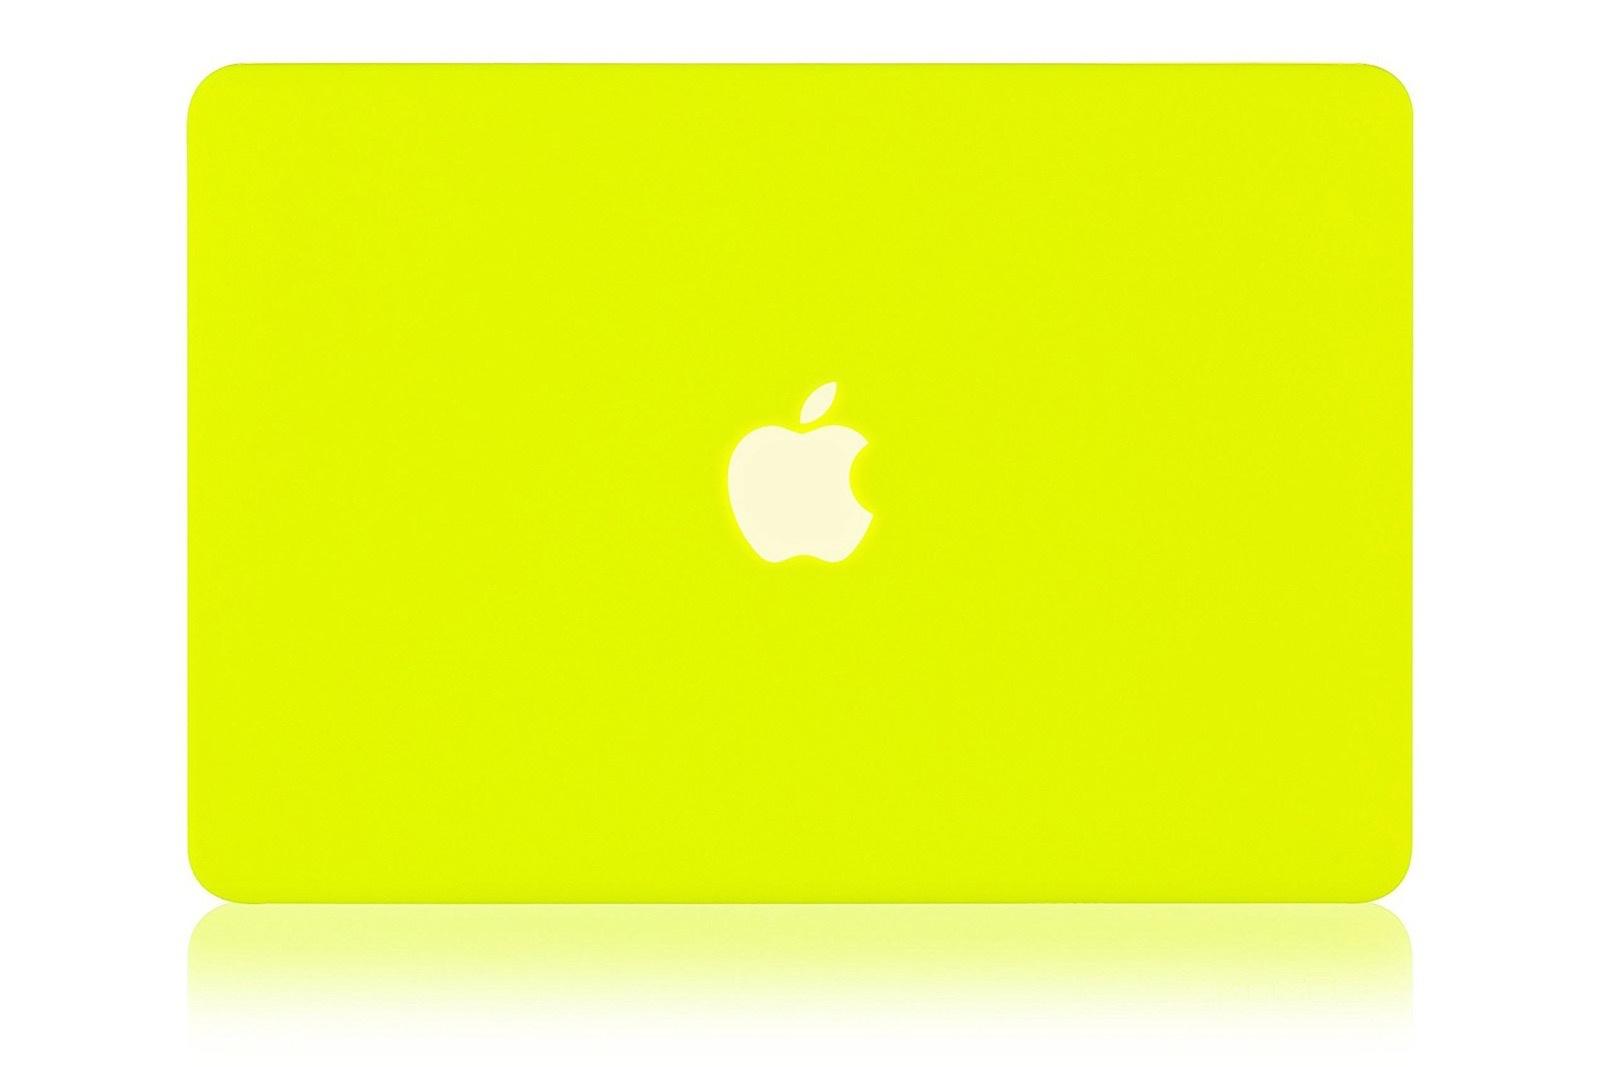 Чехол для ноутбука Gurdini накладка пластик матовый 901338 для Apple MacBook Retina 13